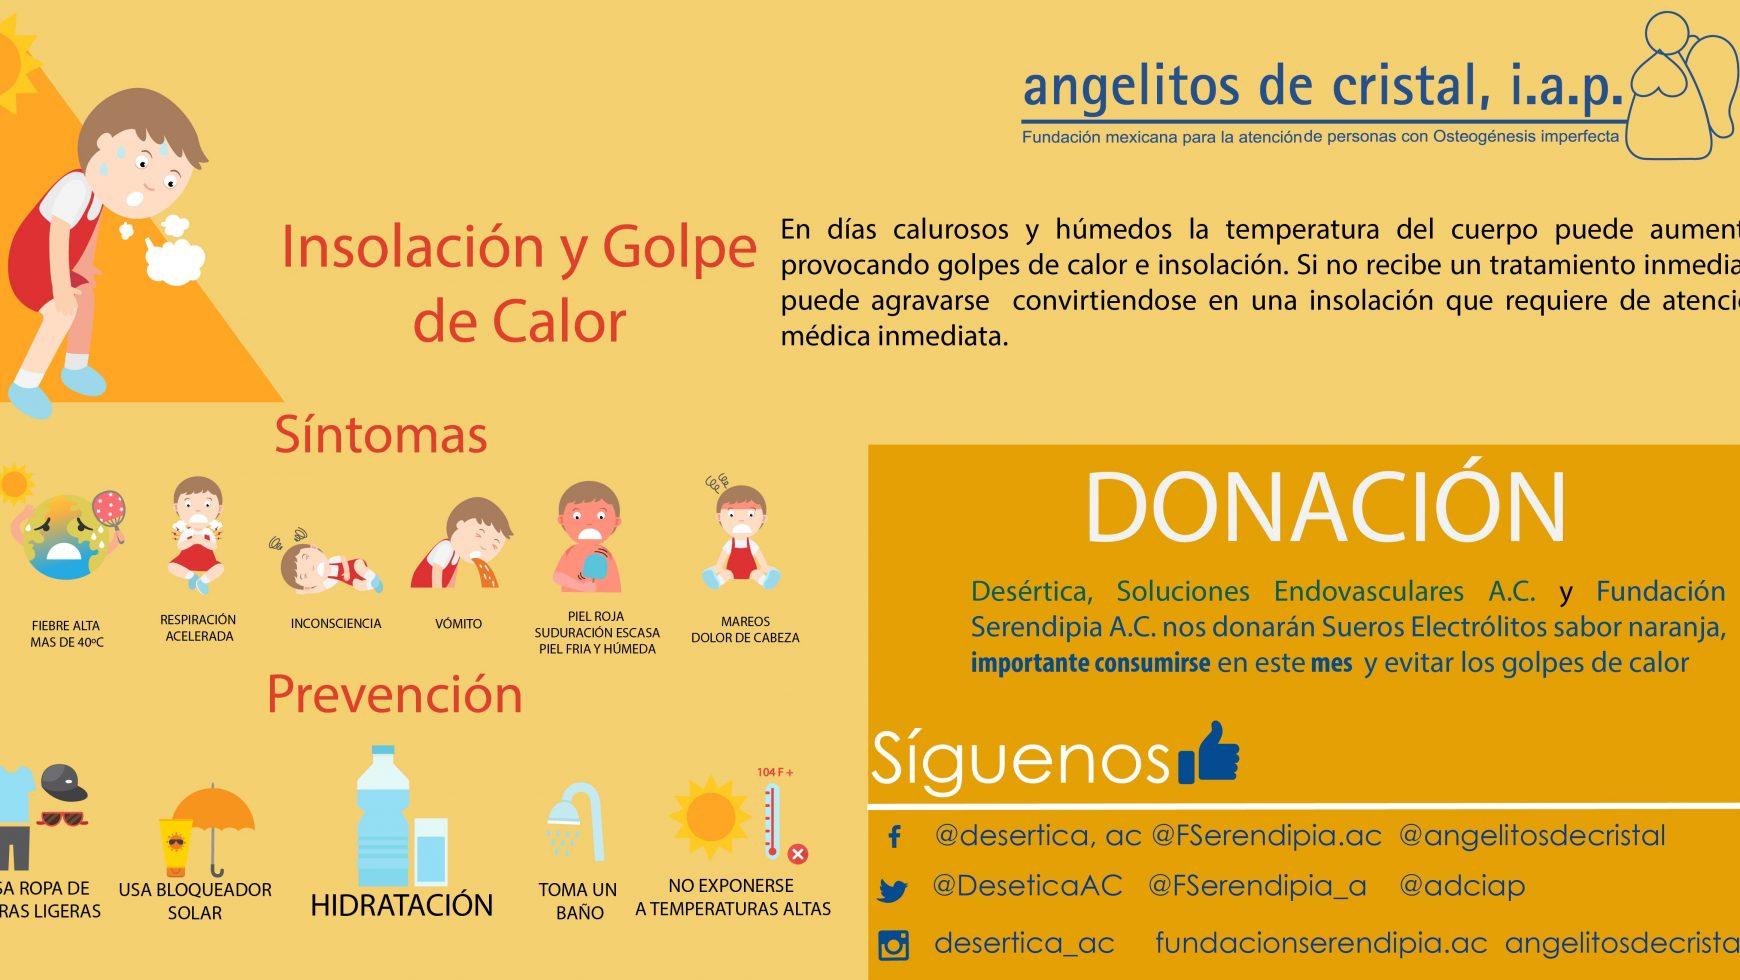 Gracias a Desértica SE A.C. Y Fundación Serendipia A.C.  por sueros para los niños, niñas y adolescentes